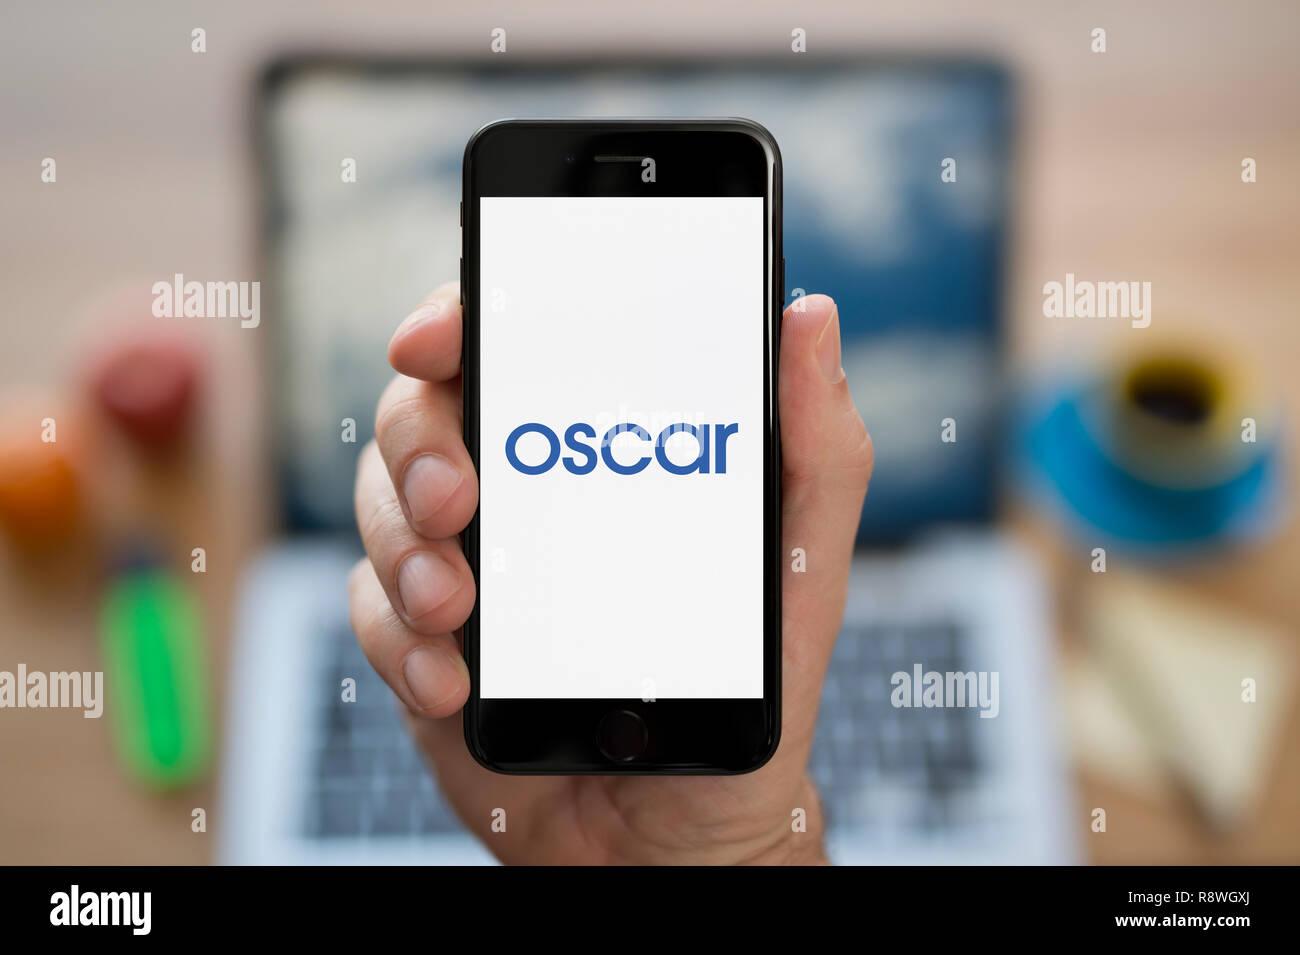 Un hombre mira el iPhone que muestra el logotipo de Oscar (uso Editorial solamente). Imagen De Stock